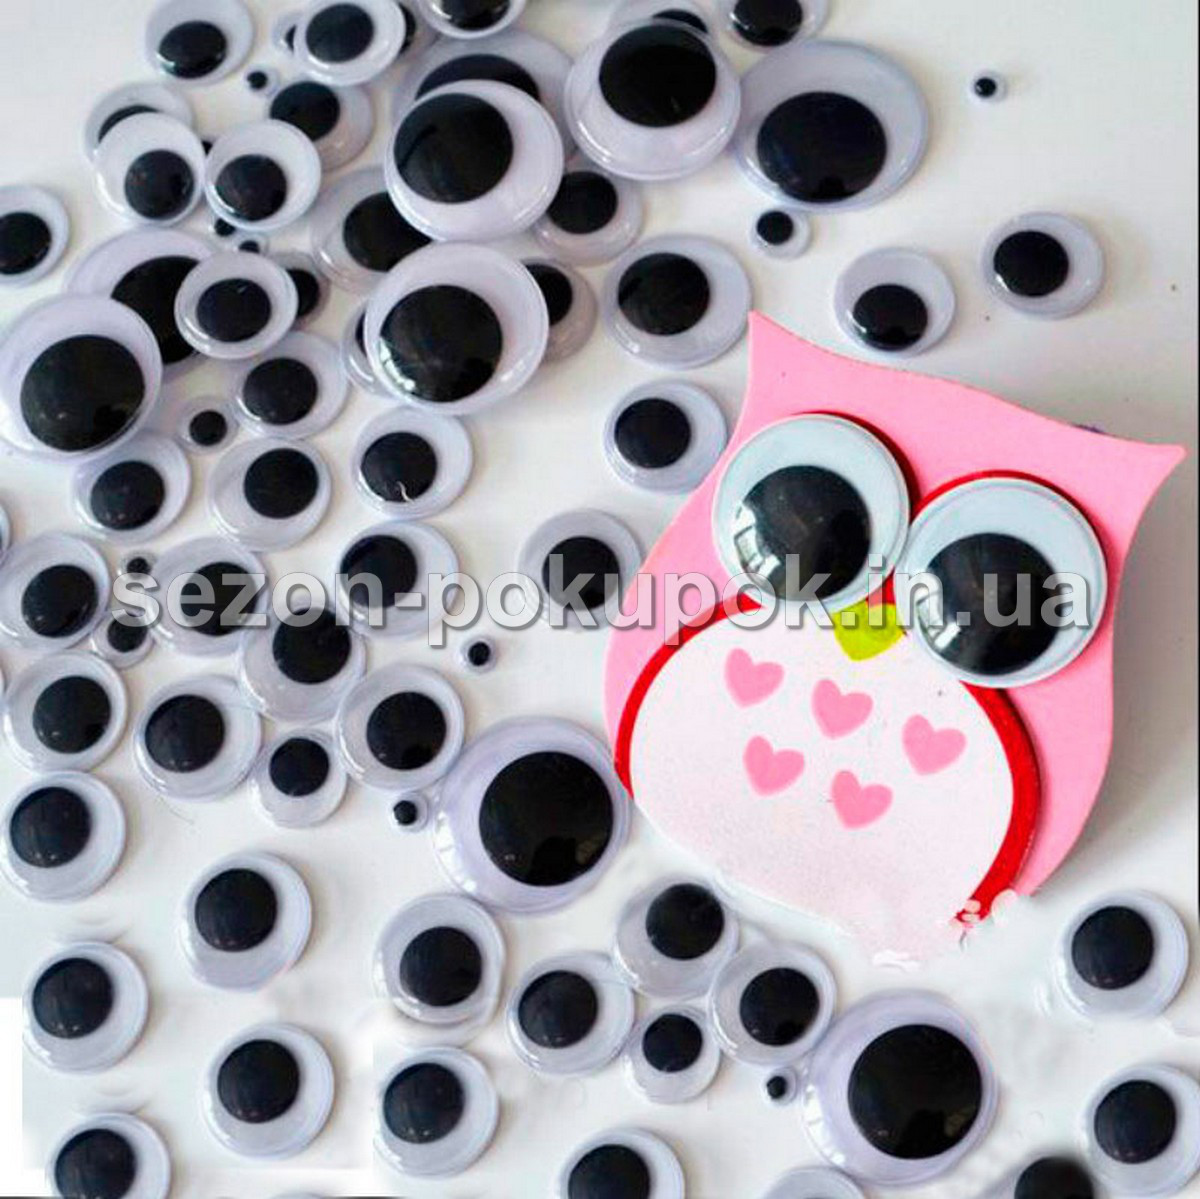 (10 грамм,d=15мм) Подвижные глазки для игрушек d=15мм (прим.65-70 глазок), фото 1